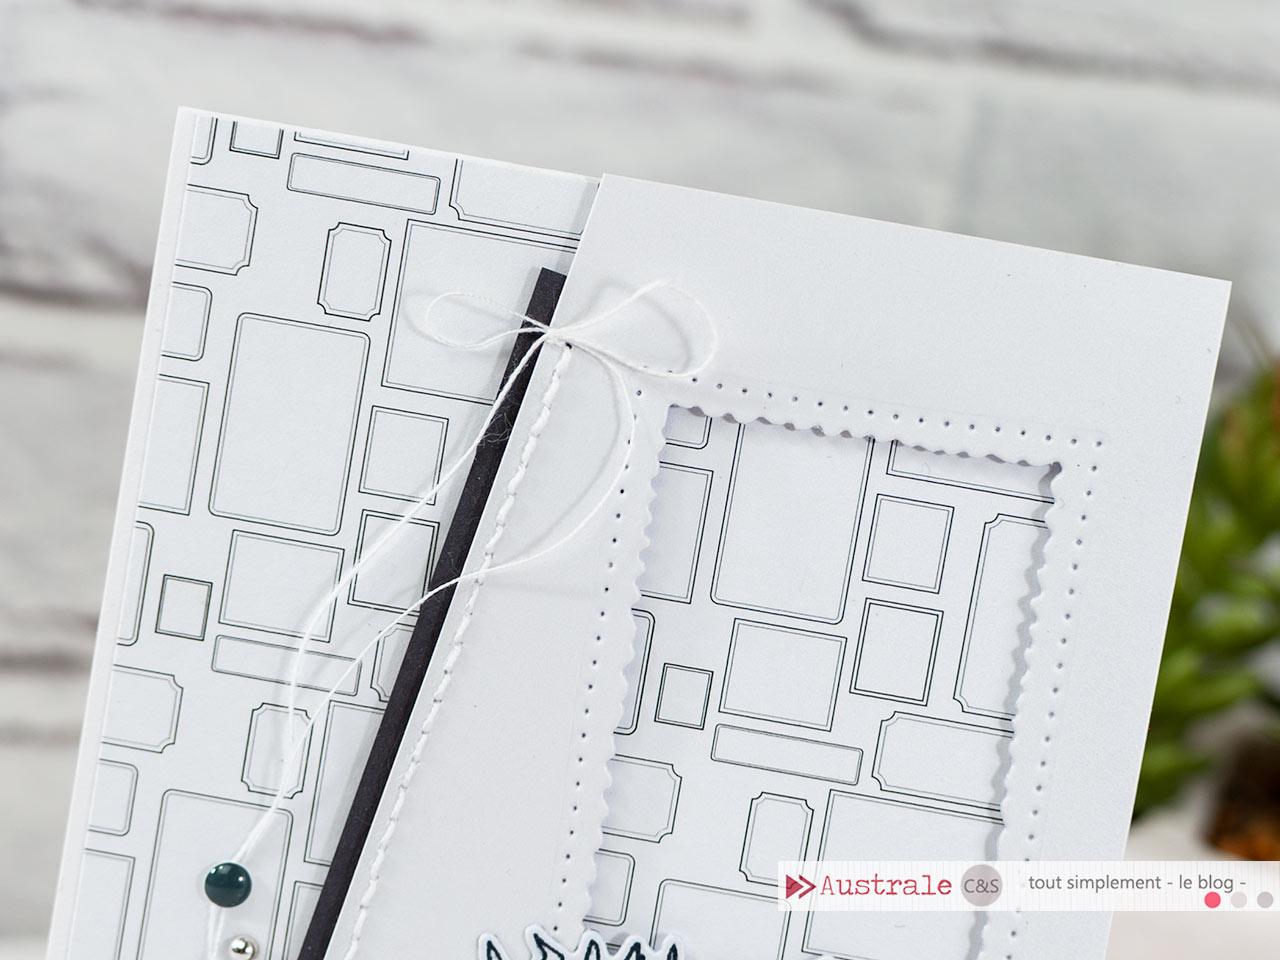 Création d'une carte sur le thème du cocooning en terrasse en dégradé de gris, monochrome